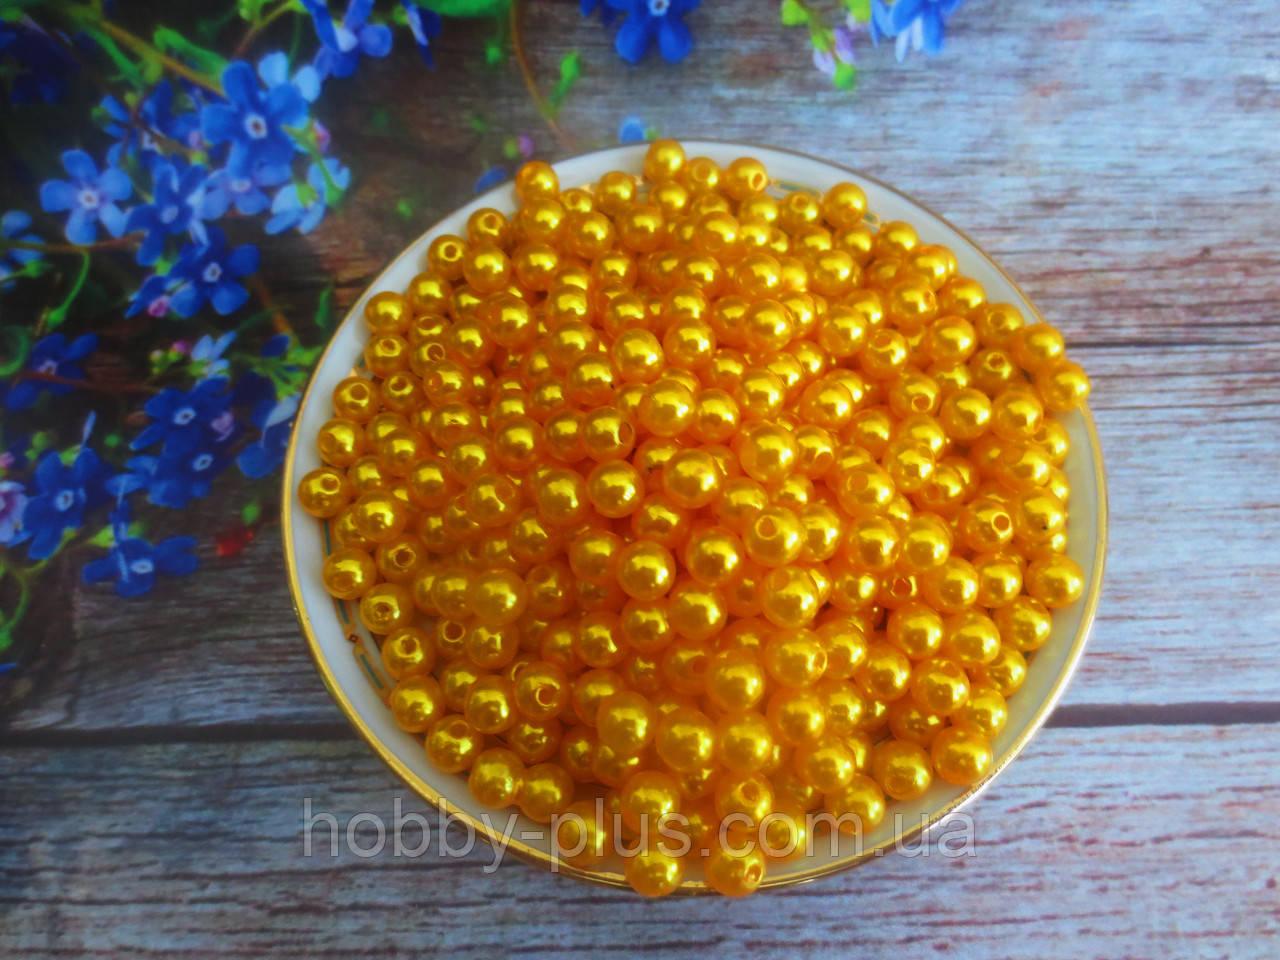 Бусины перламутровые под жемчуг, 6 мм, цвет желтый, 10 грамм (~95 шт).